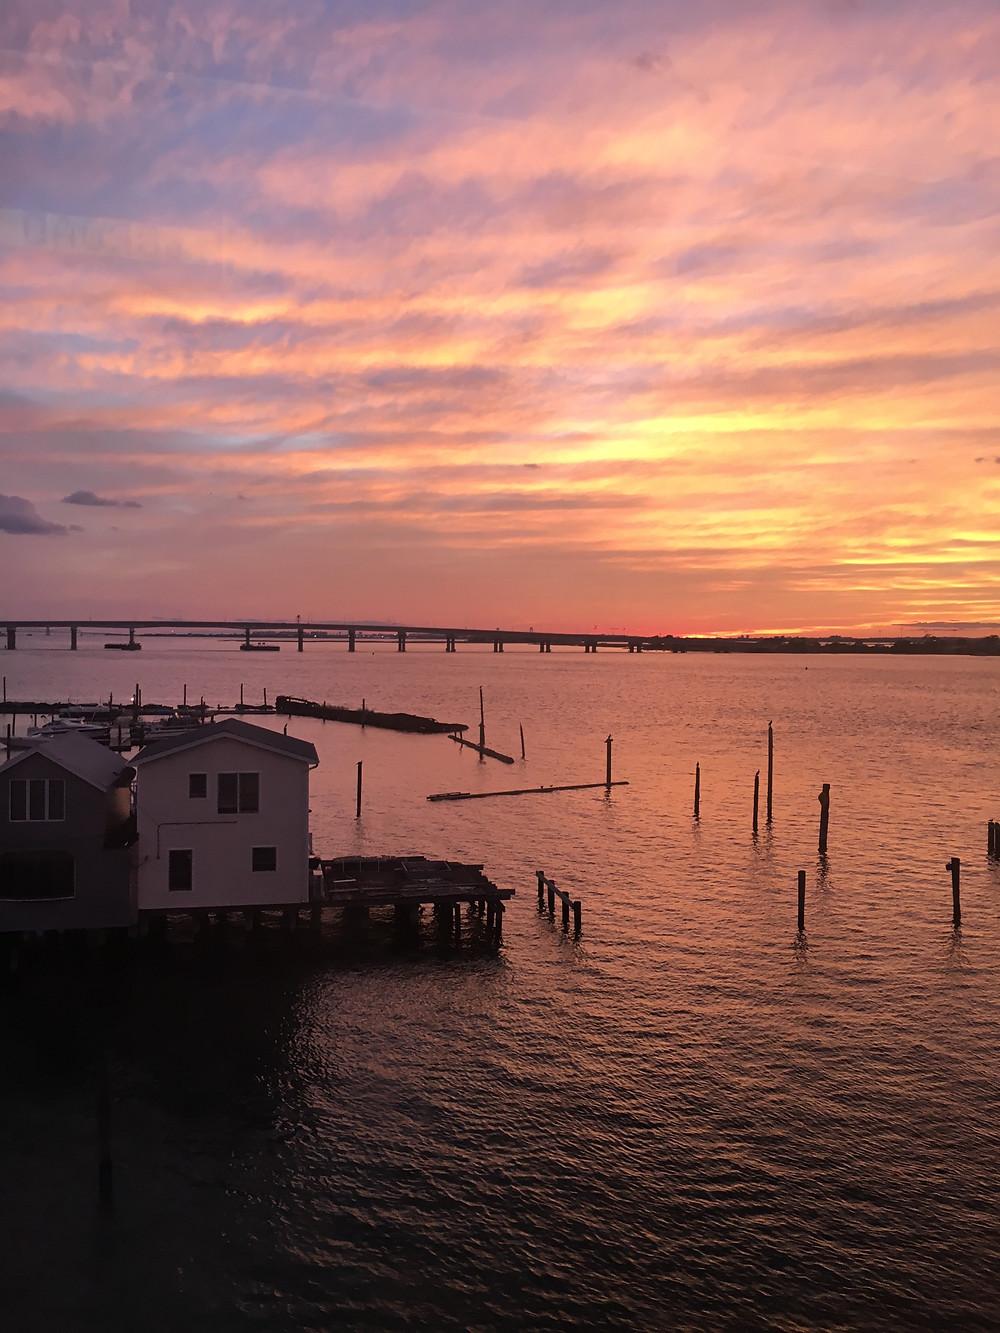 Rockaway sunset, photo by Kirk Schoenherr